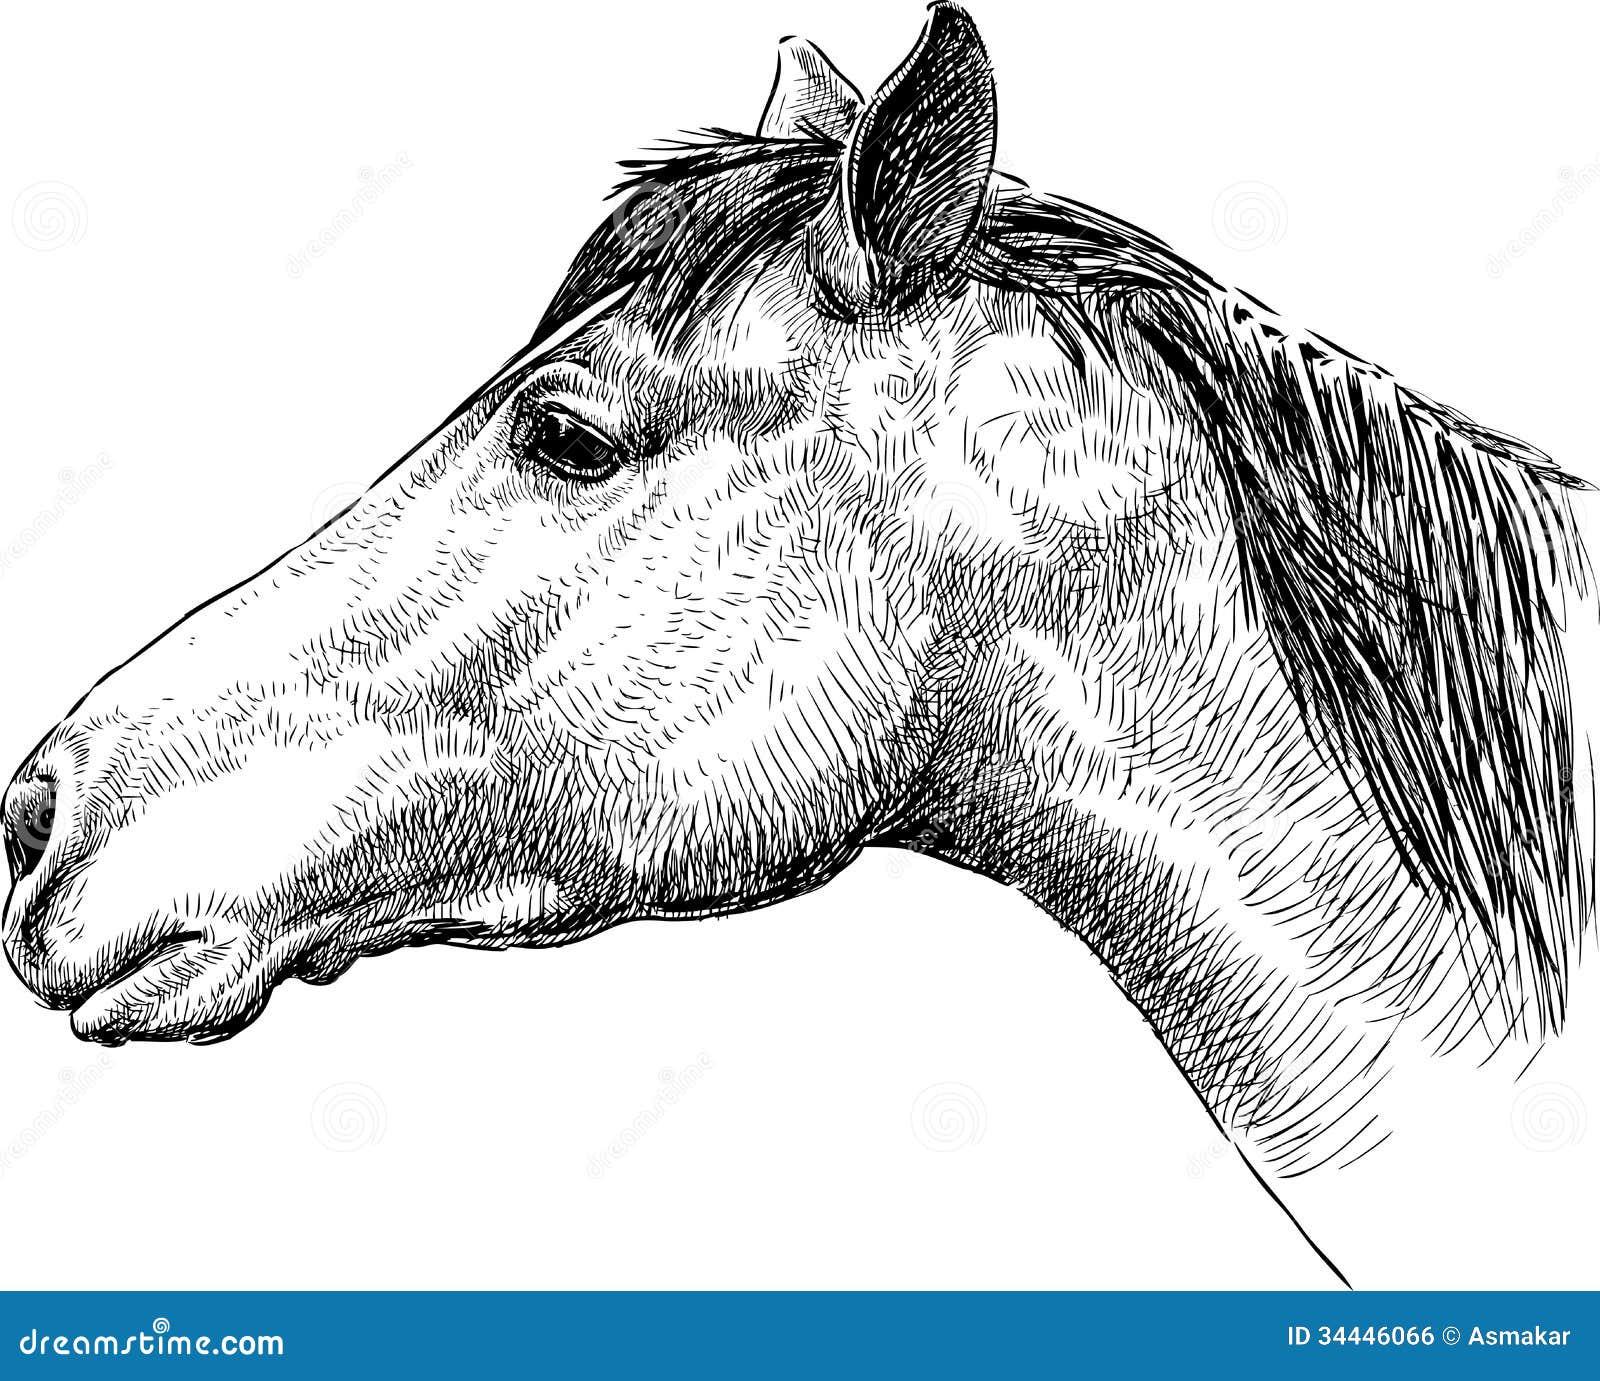 disegni a matita facili animali